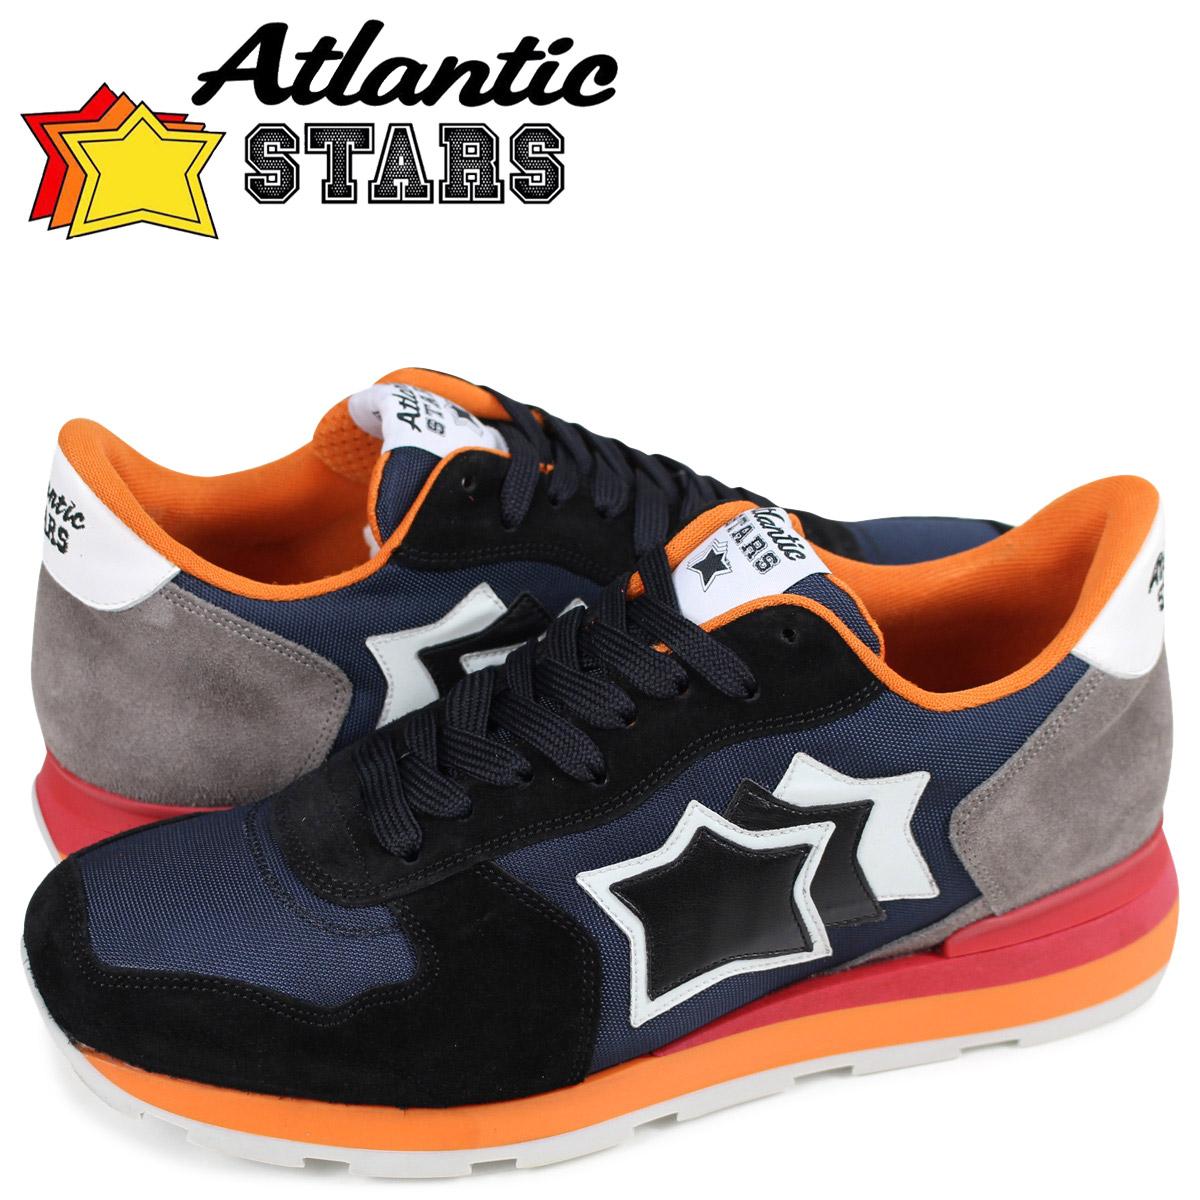 アトランティックスターズ メンズ スニーカー Atlantic STARS アンタレス ANTARES NB-85R ネイビー